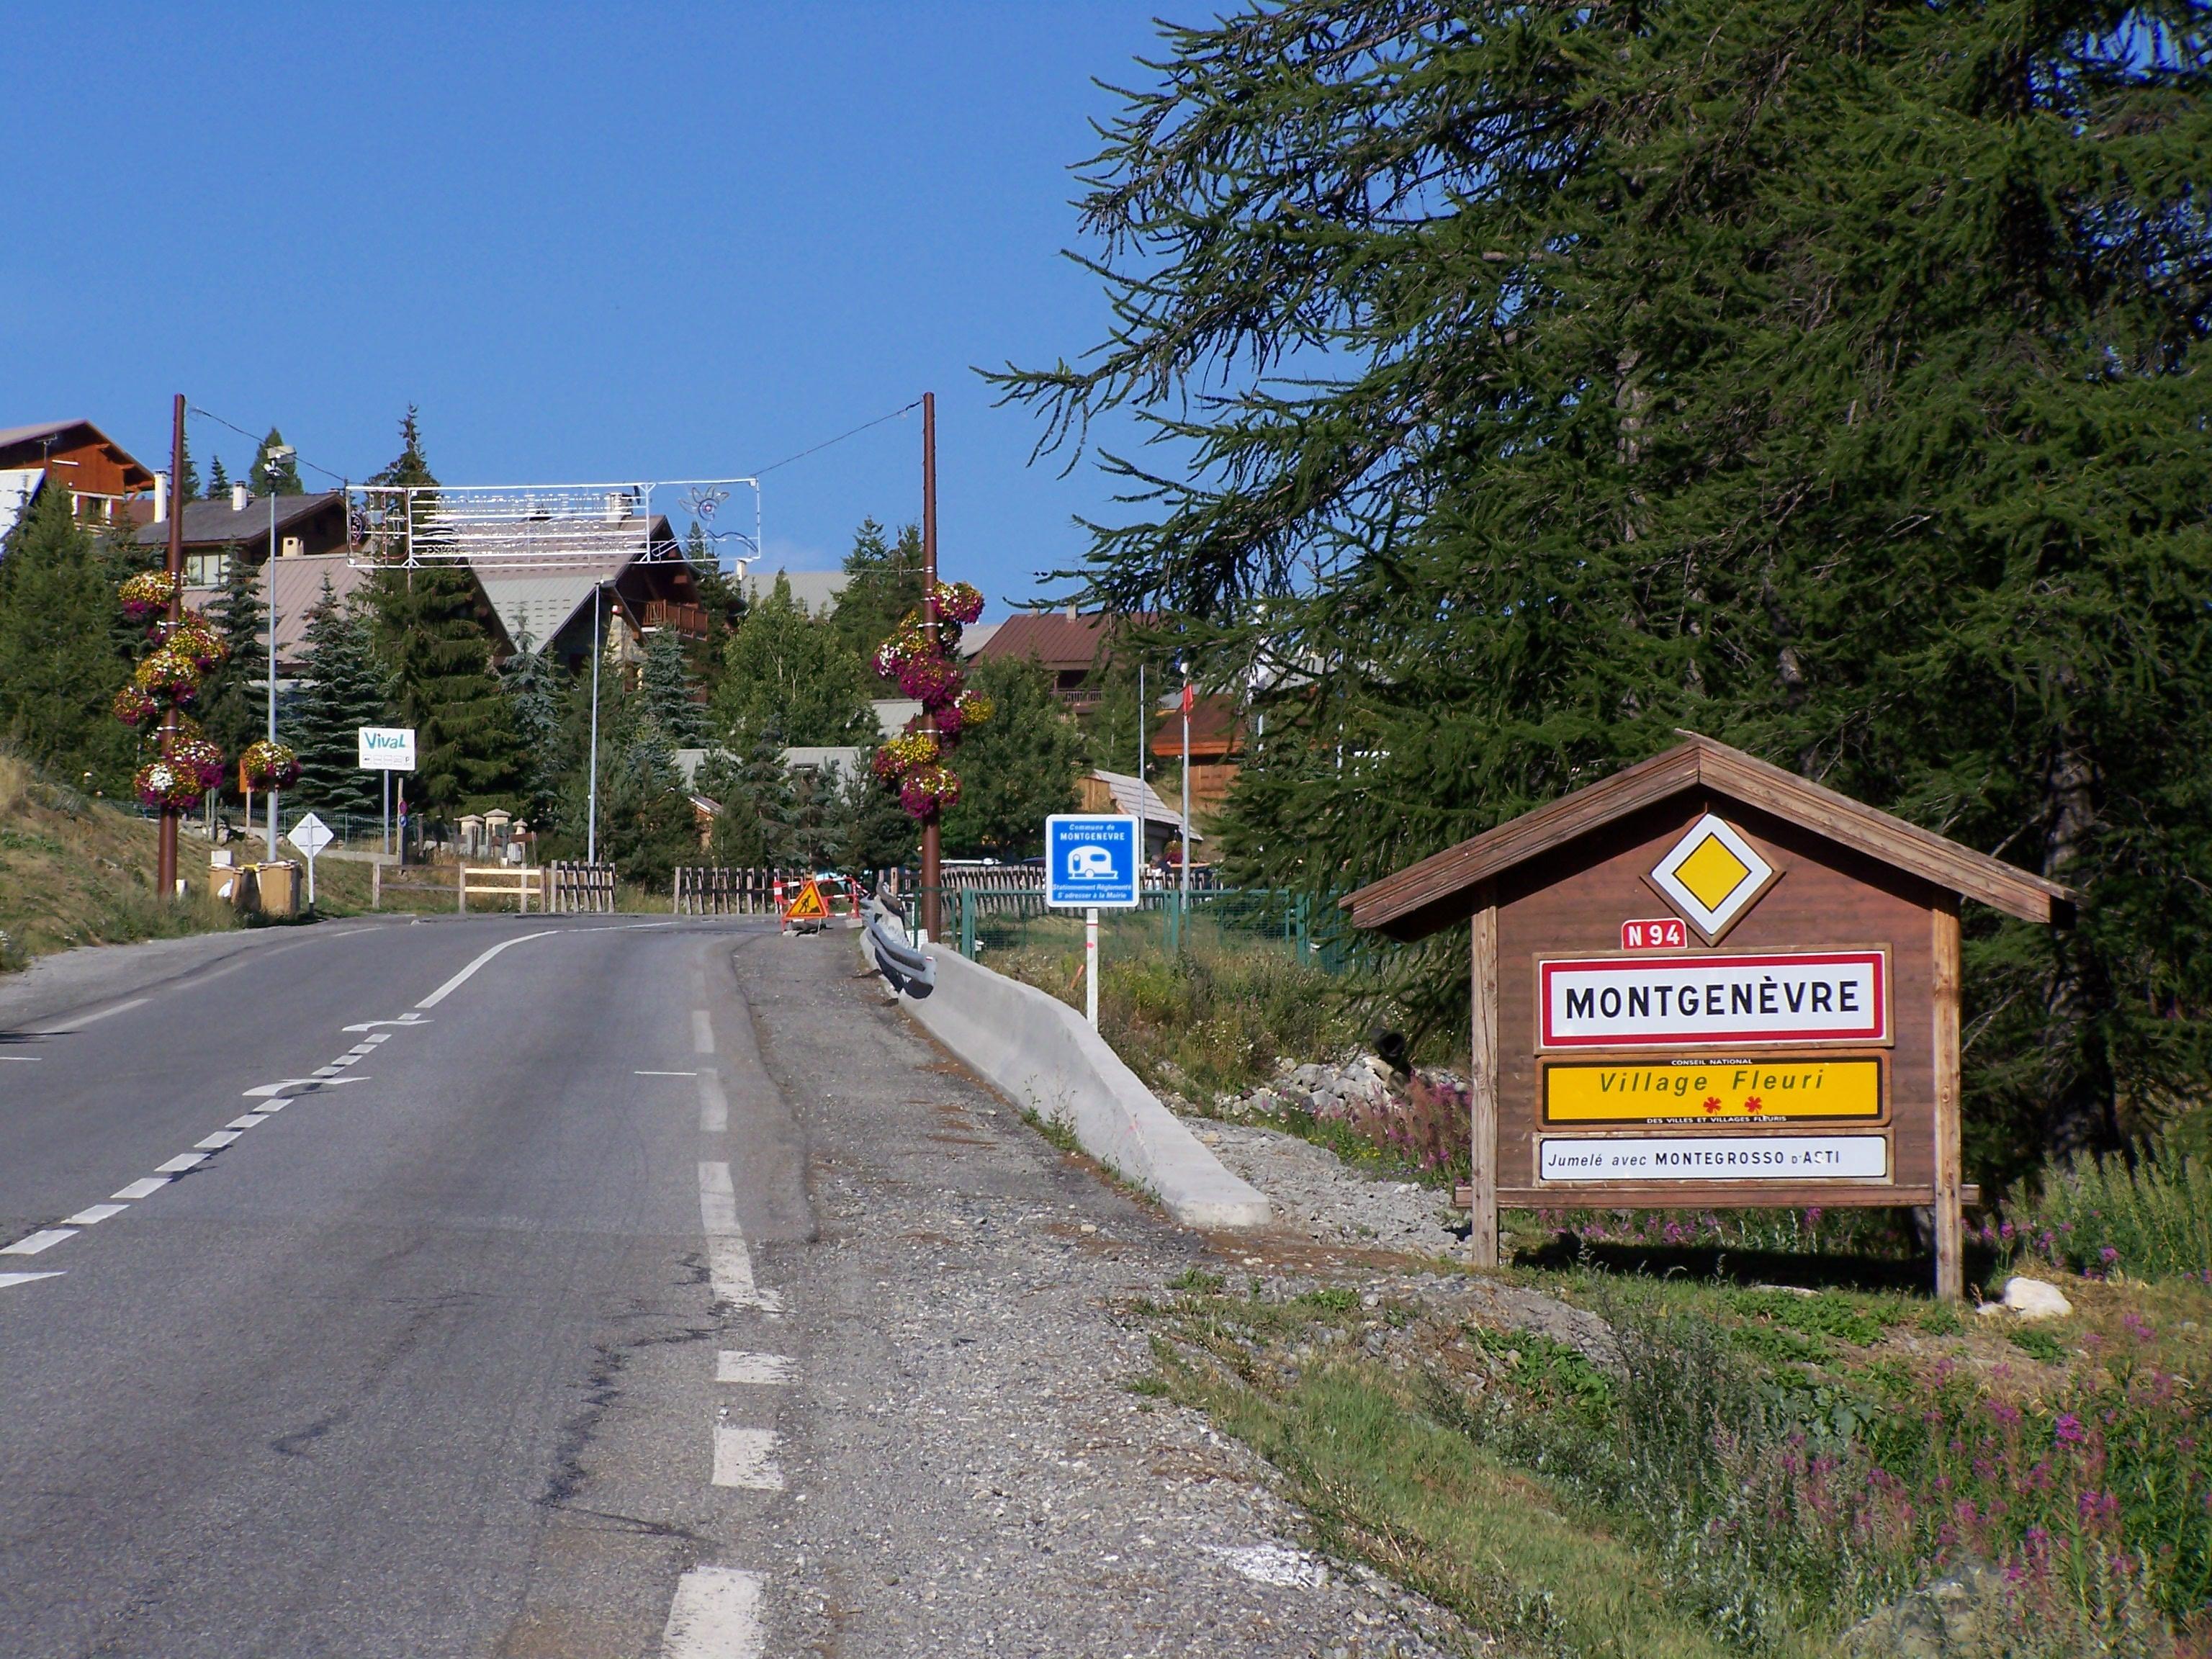 Location1